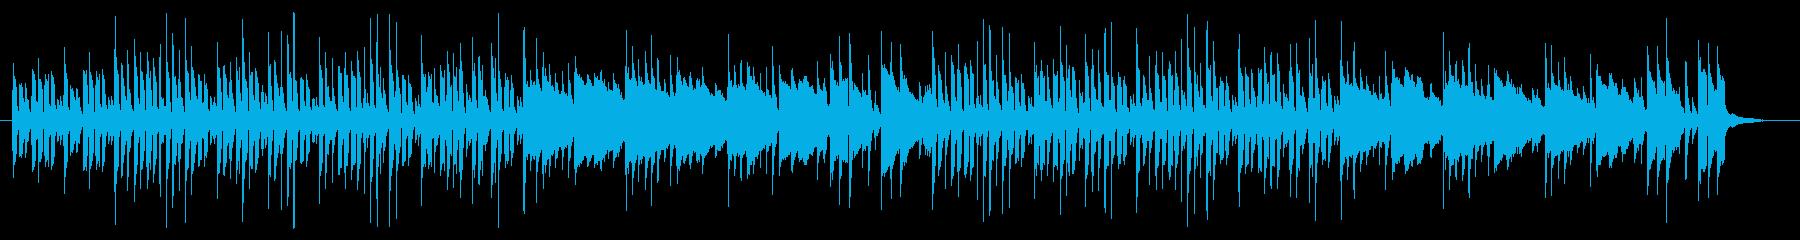 木琴がメインの明るい曲の再生済みの波形